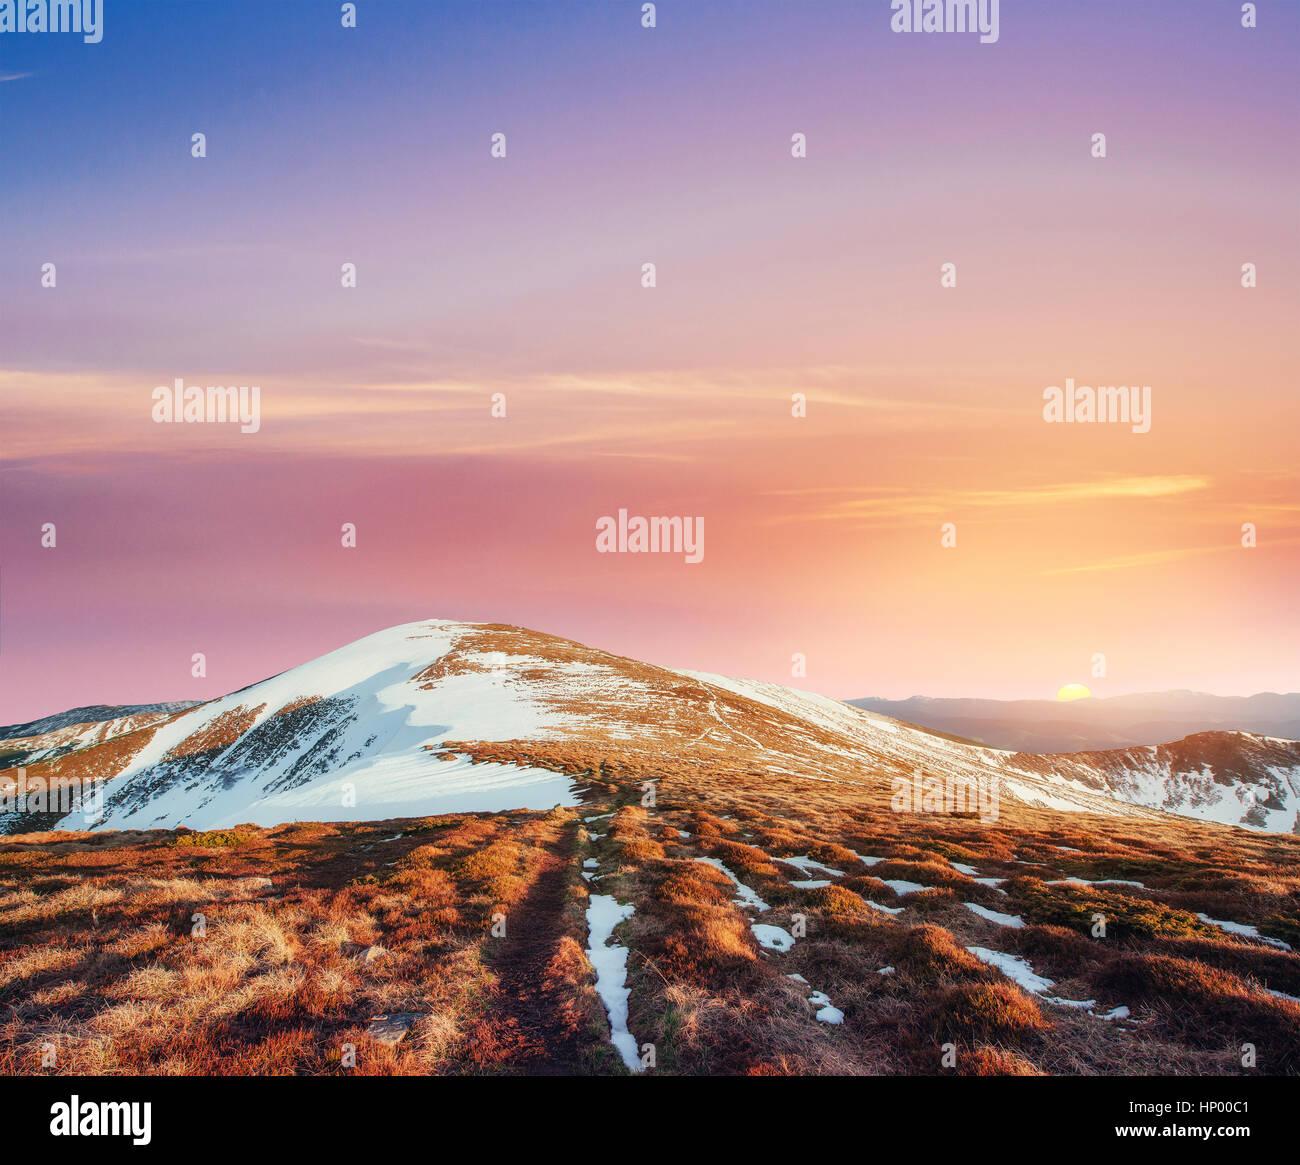 Invierno mágico árbol cubierto de nieve. Puesta de sol en los Cárpatos. Ukr Imagen De Stock